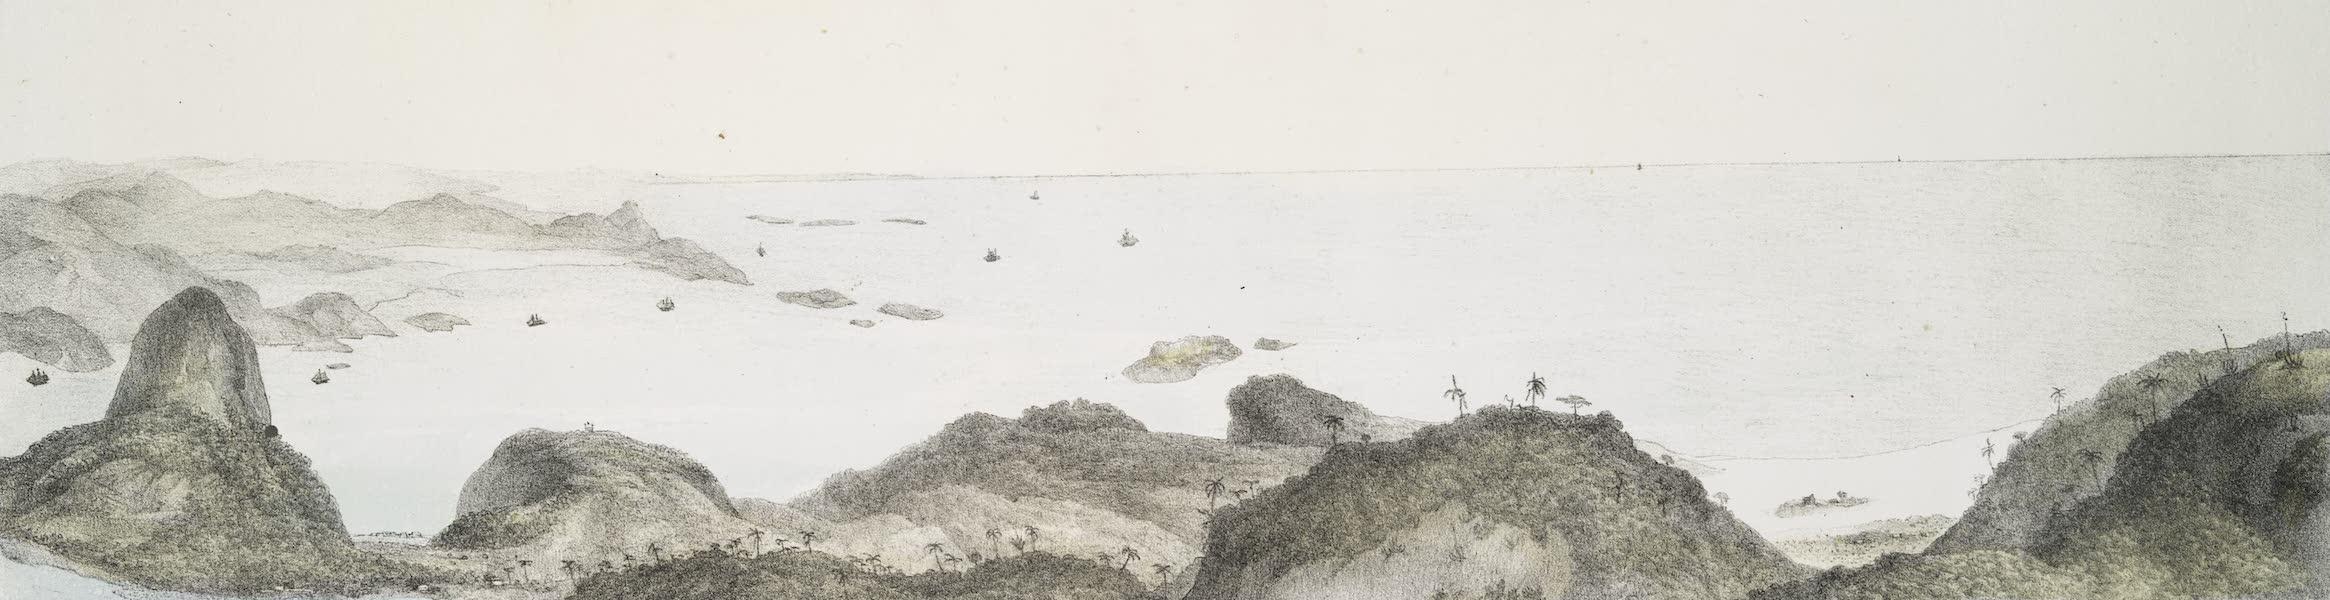 Voyage Pittoresque et Historique au Bresil Vol. 3 - Suite du Panorama de la Baie de Rio de Janeiro [II] (1839)